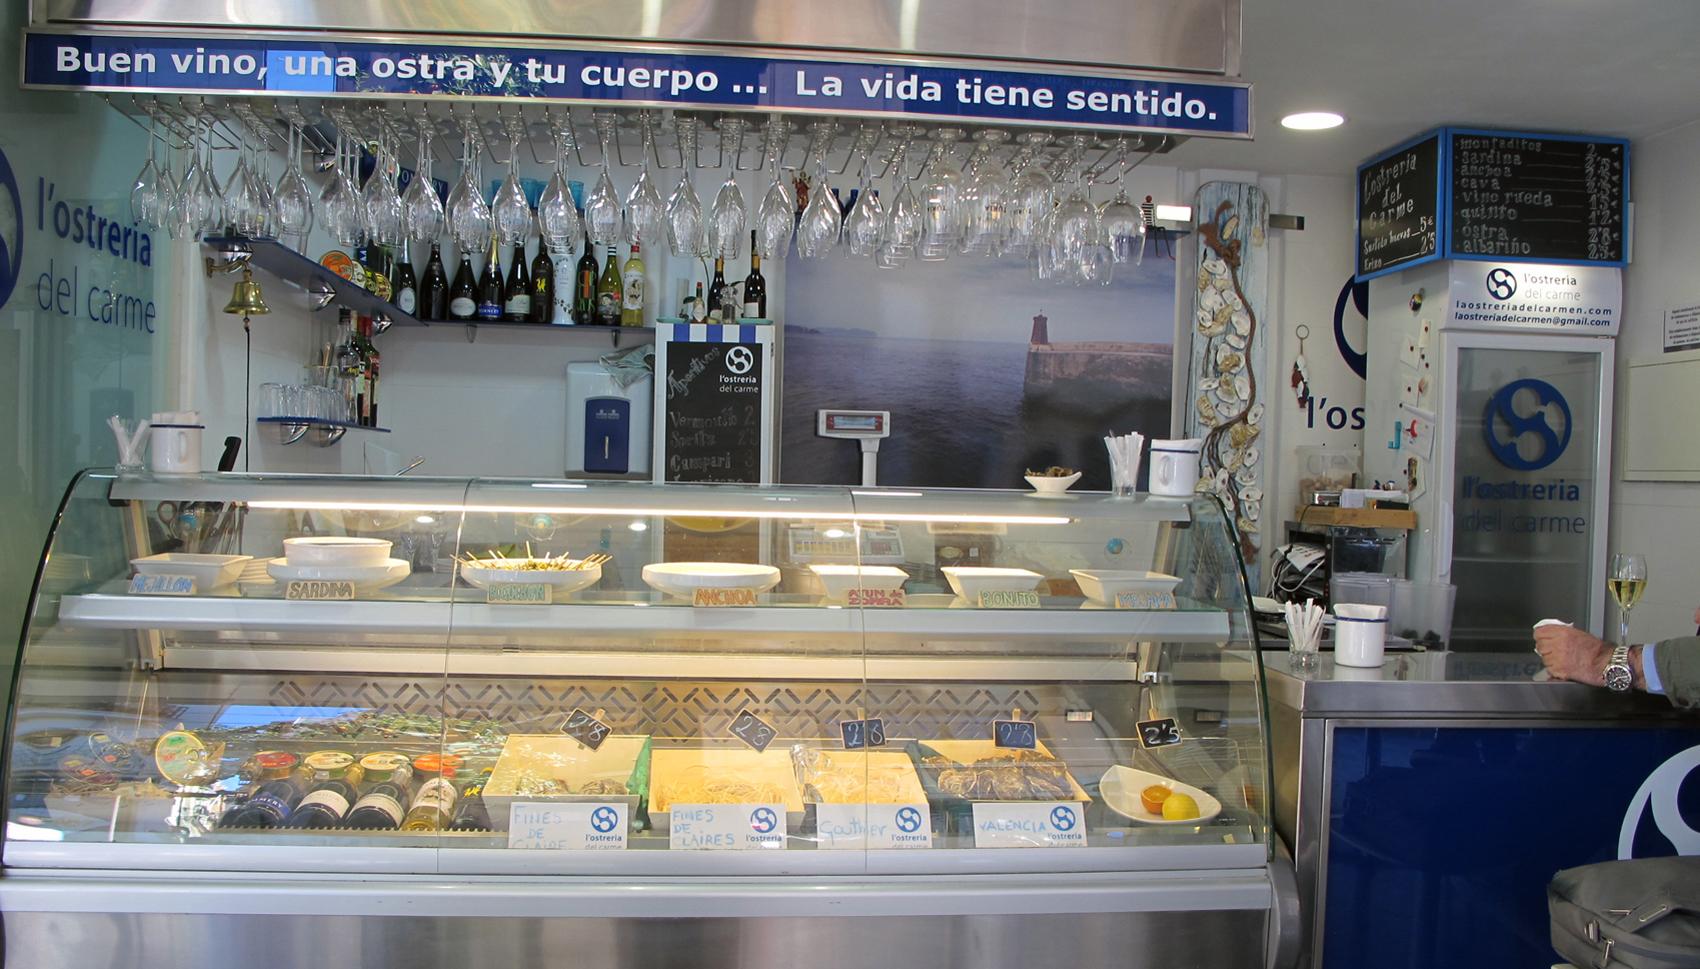 En La Ostrería del Carmen (Mercado de Mossén Sorell) puedes degustar ostras y una amplia variedad de salazones